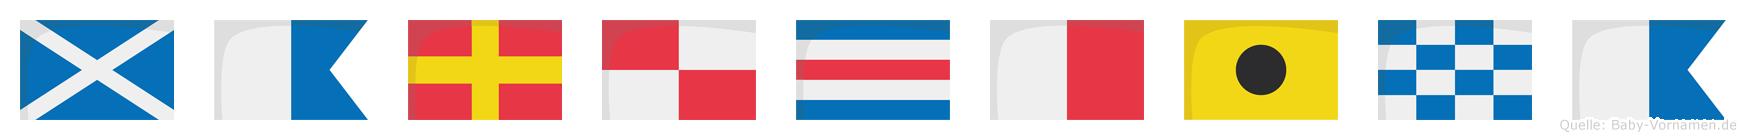 Maruchina im Flaggenalphabet